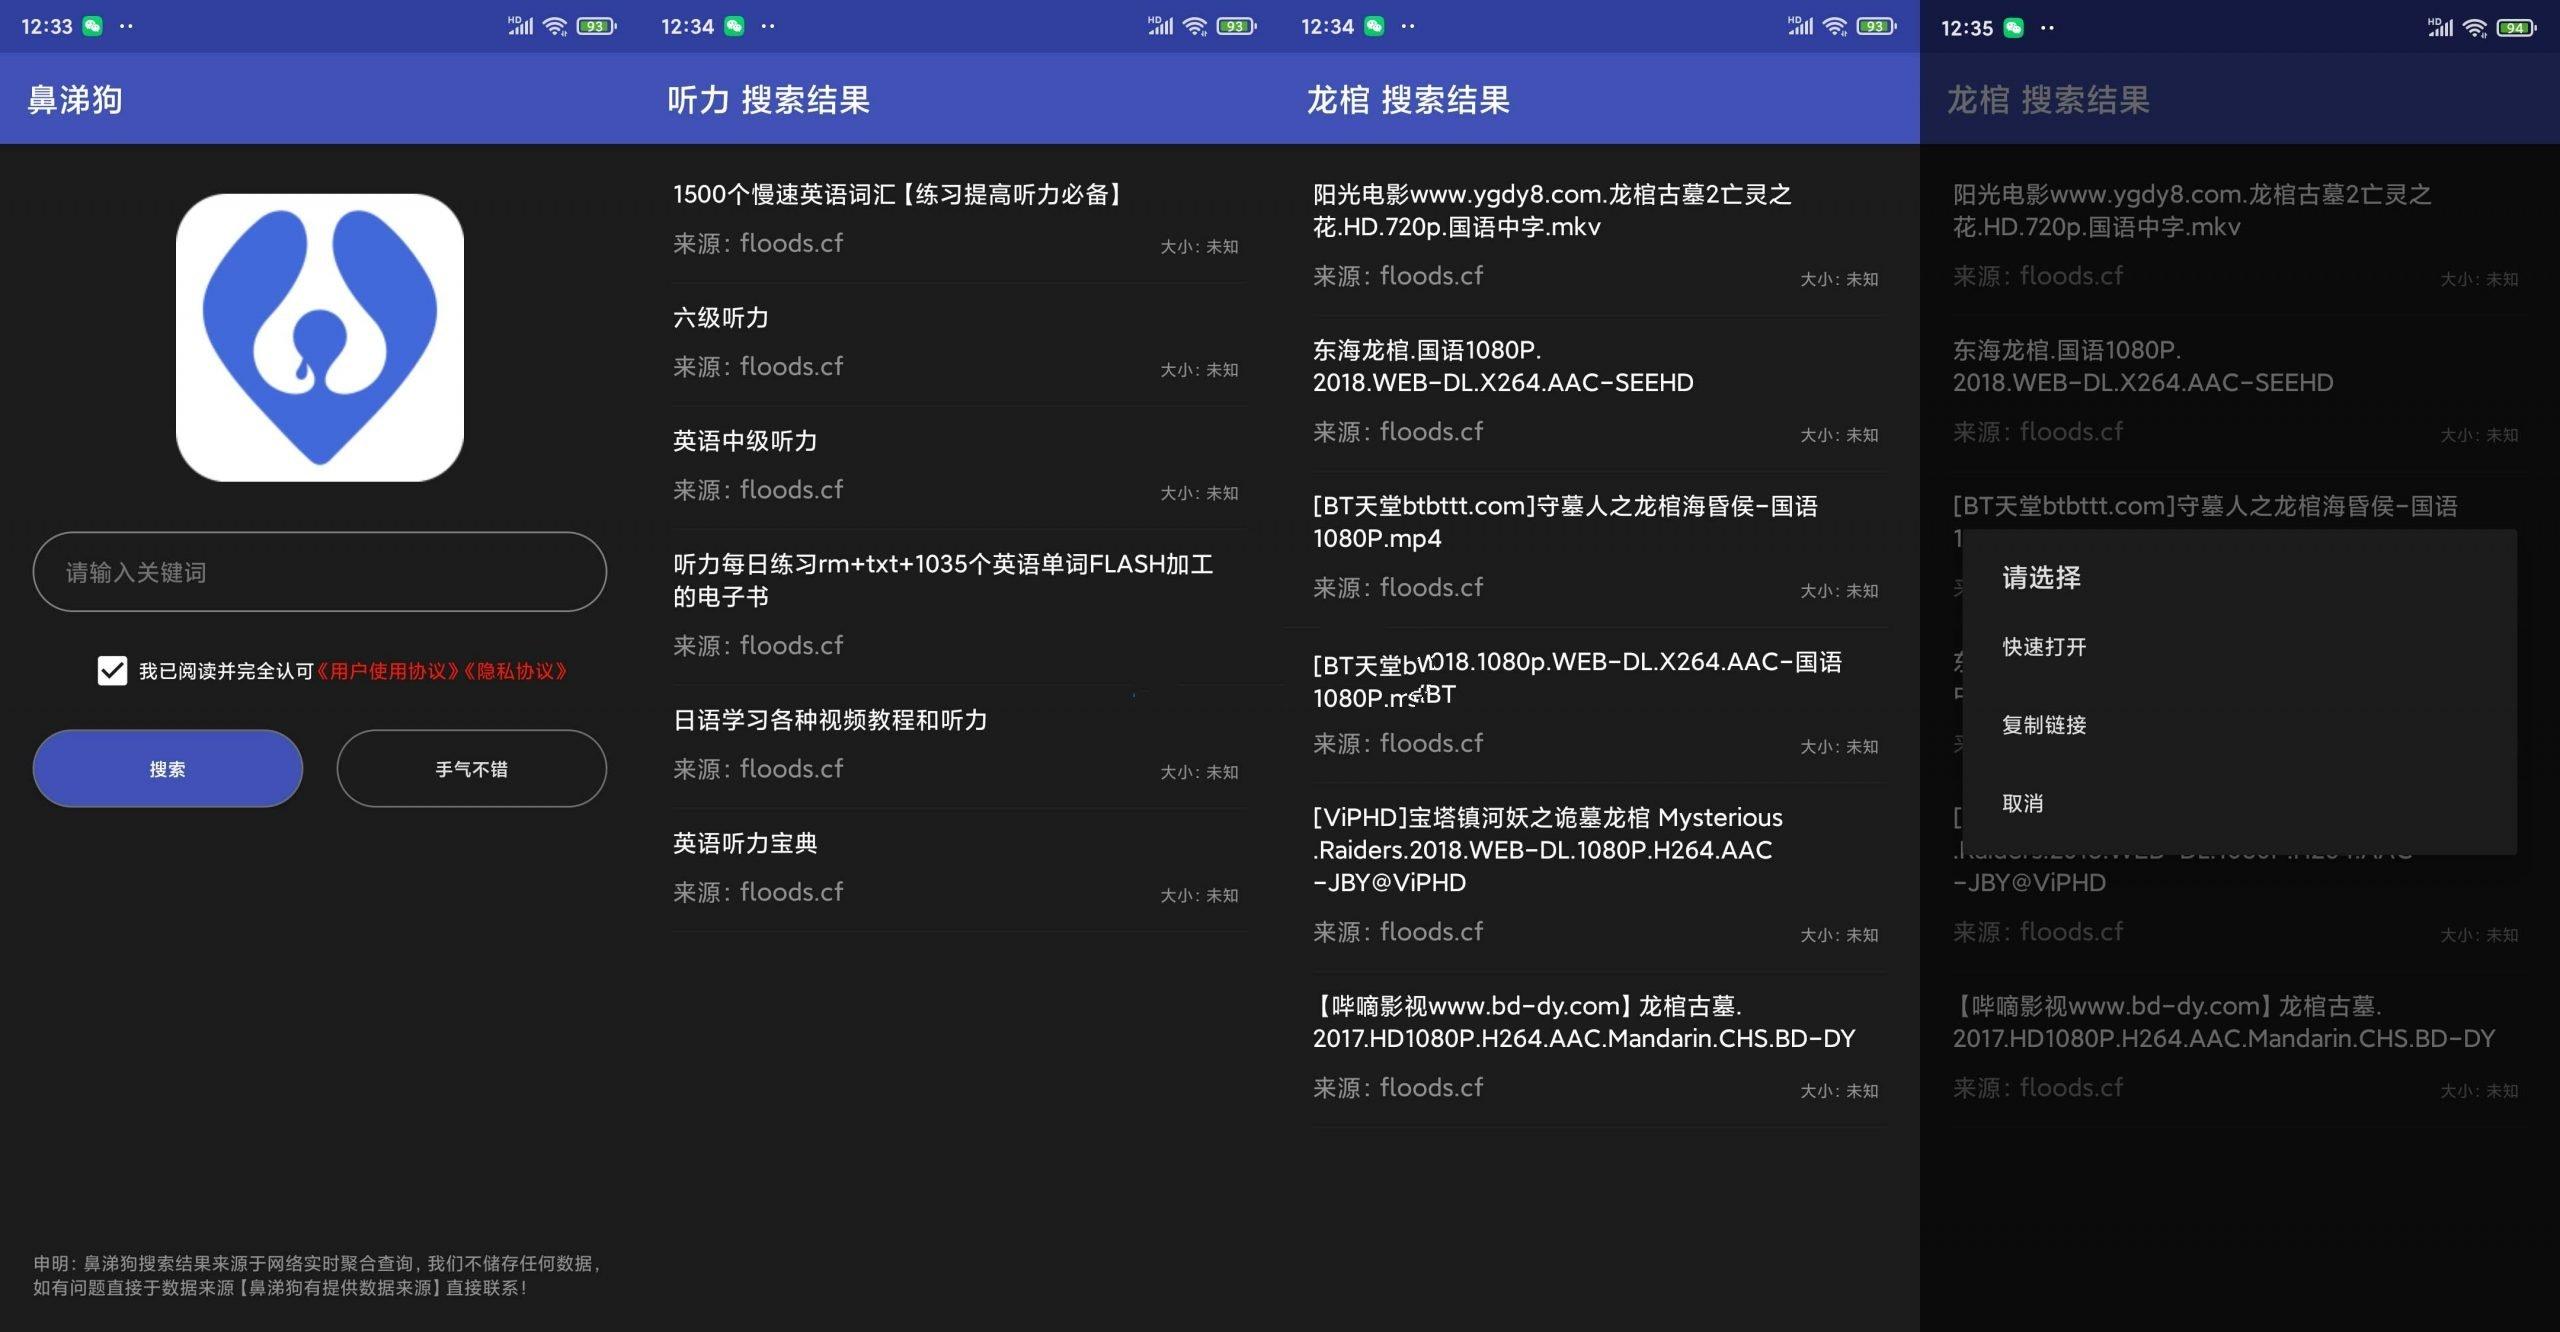 鼻涕狗 v1.1.1磁力搜索器安卓版